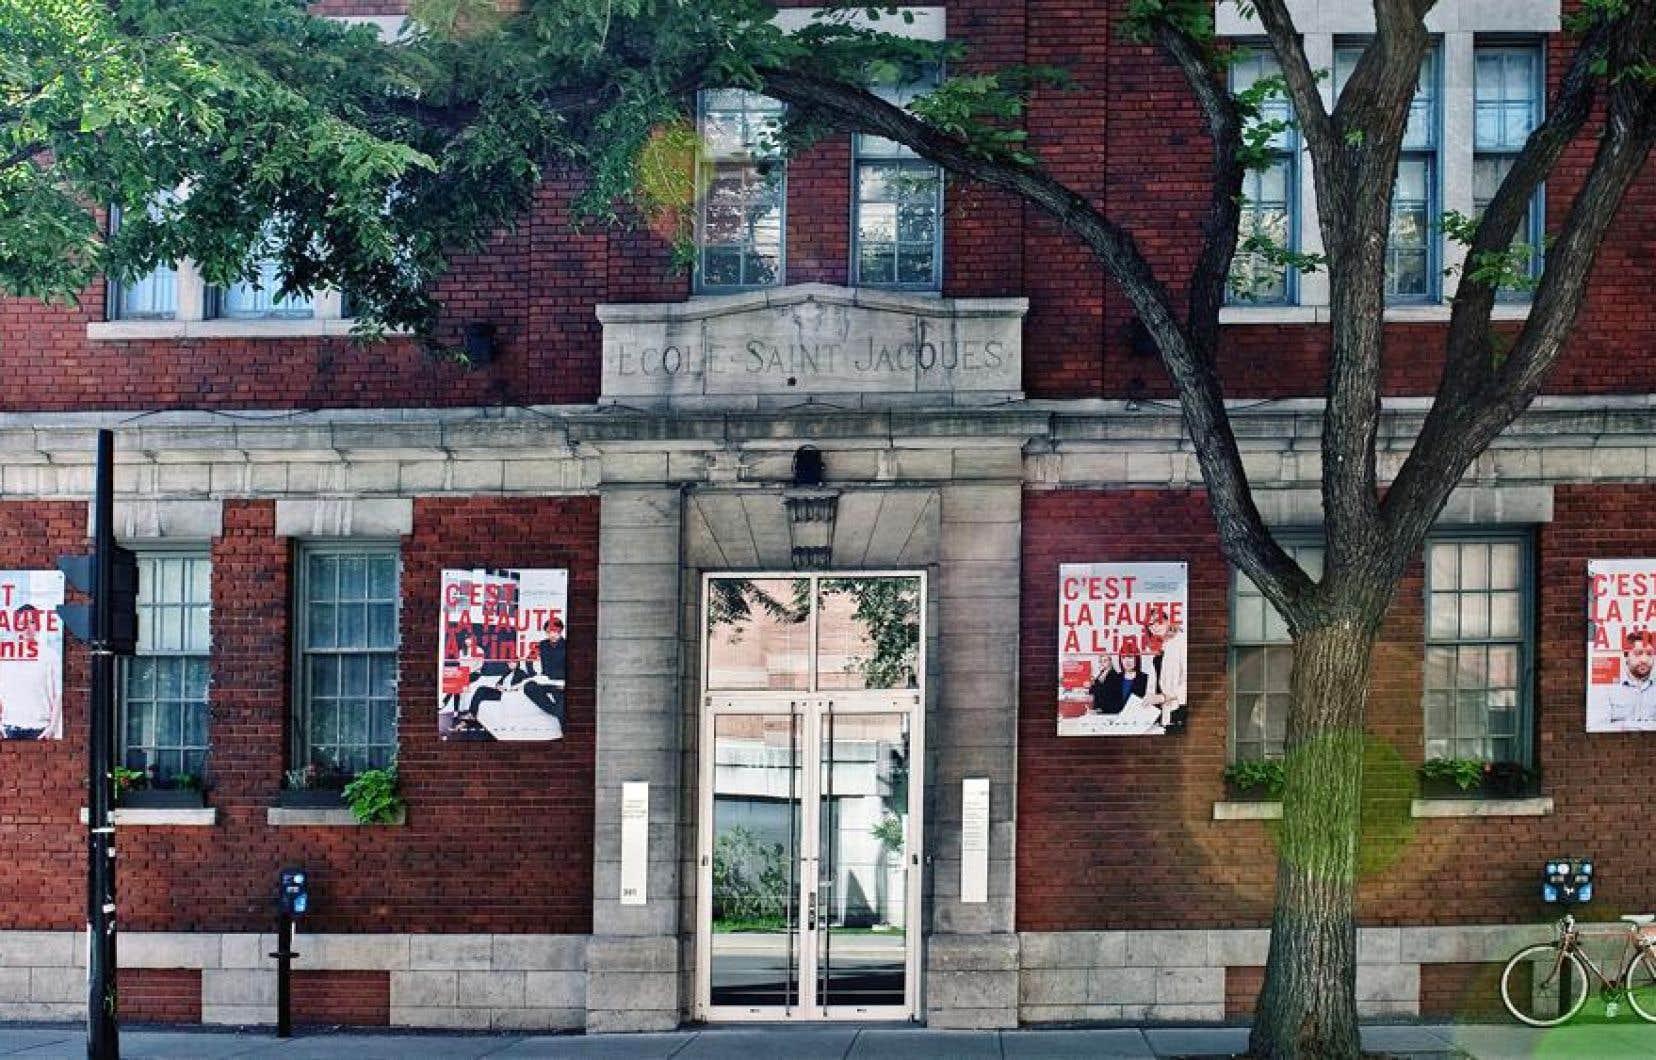 L'organisme a bénéficié d'une exonération entre 1996 et 2014 pour les locaux qu'il occupe dans l'édifice appartenant à la Cinémathèque.